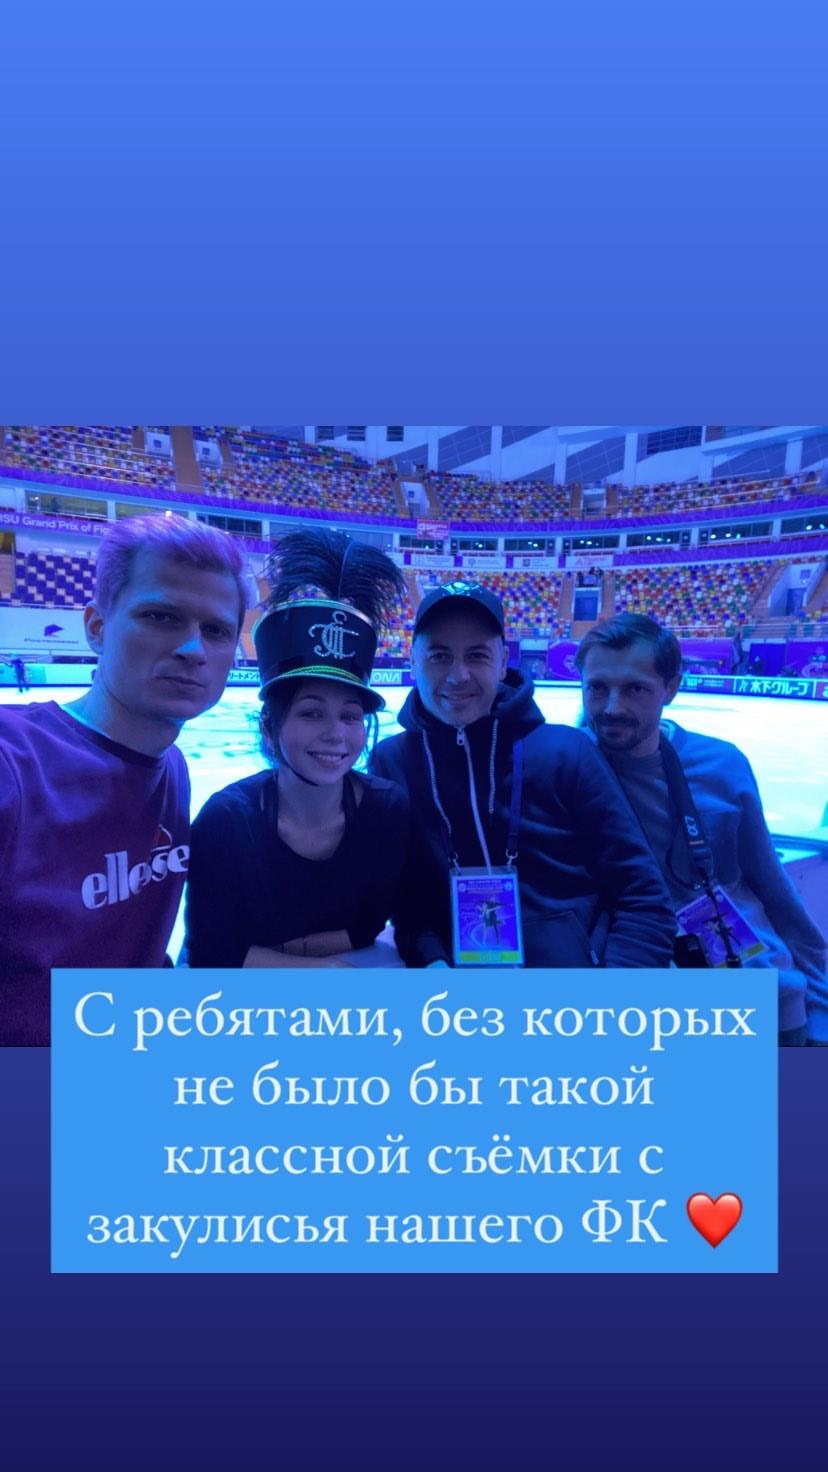 https://i2.imageban.ru/out/2020/11/22/9a43e3cbdbca113deca5ef5010ade3e3.jpg